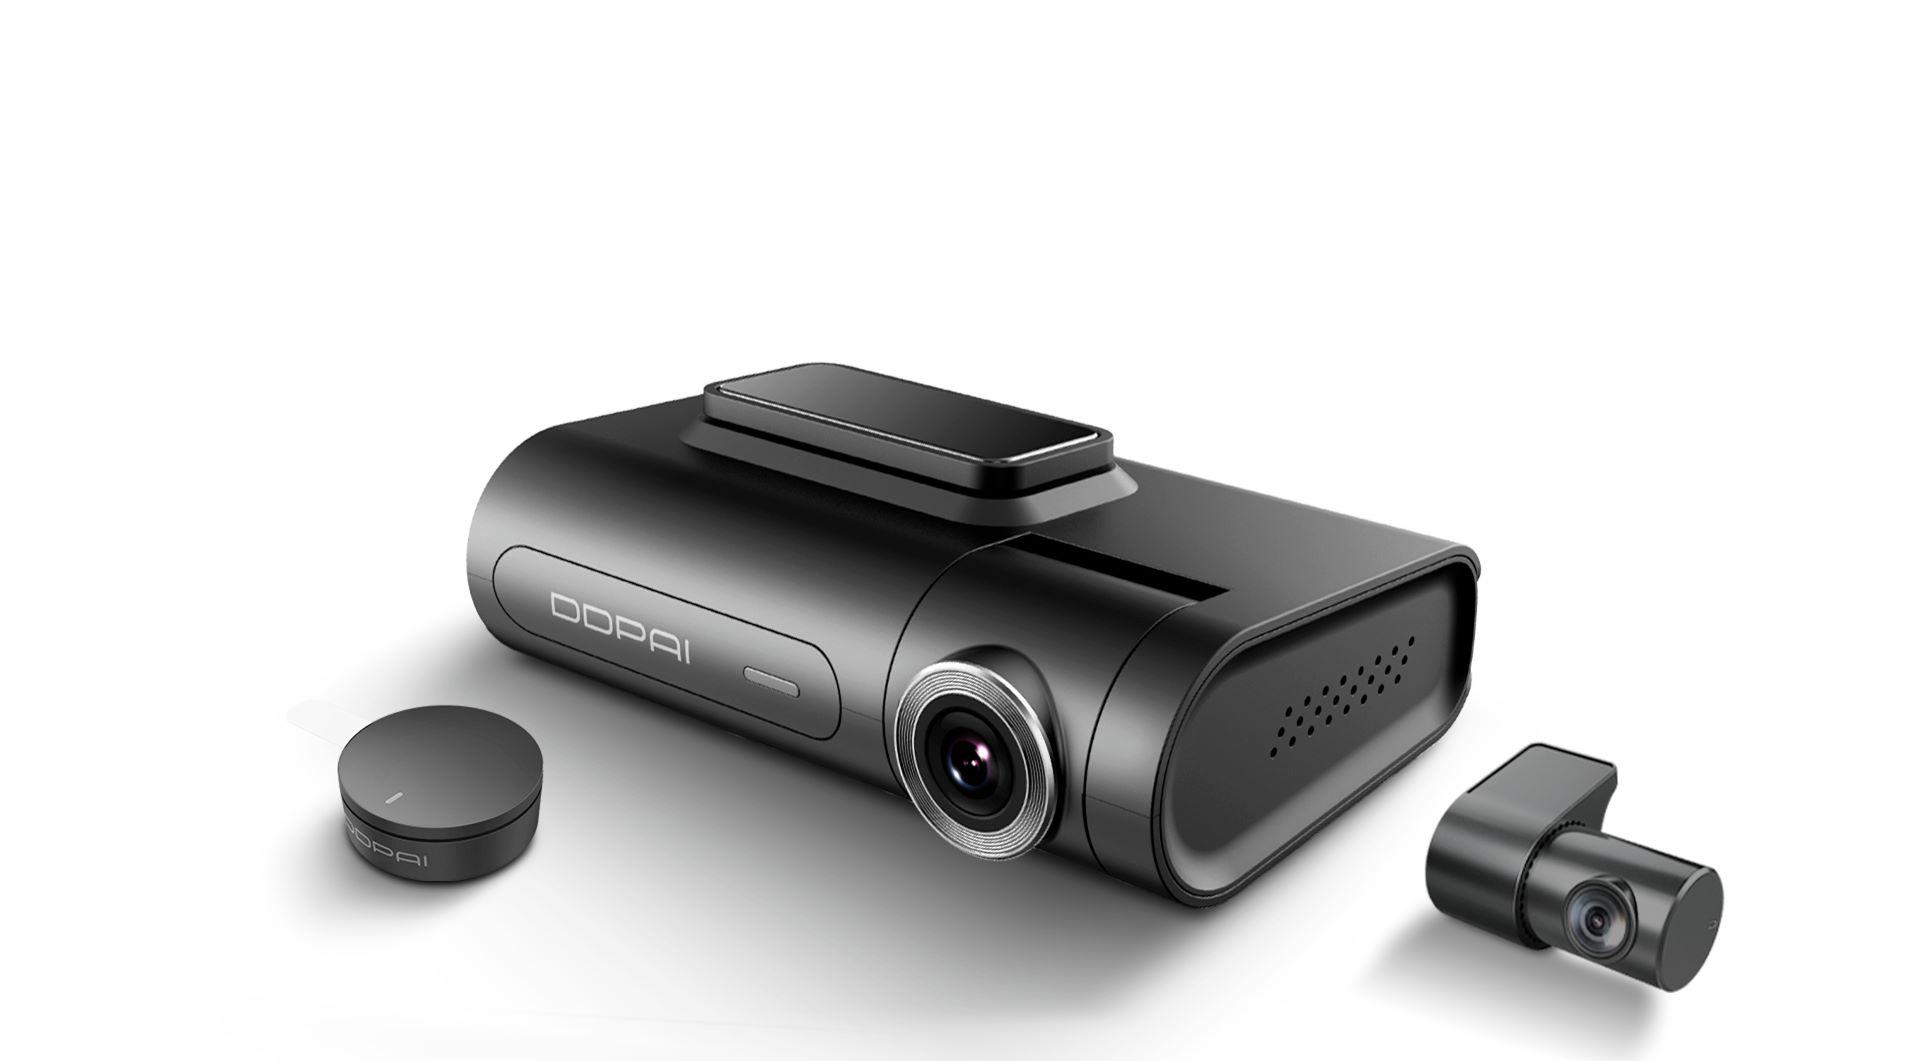 X2S Pro Dash Cam